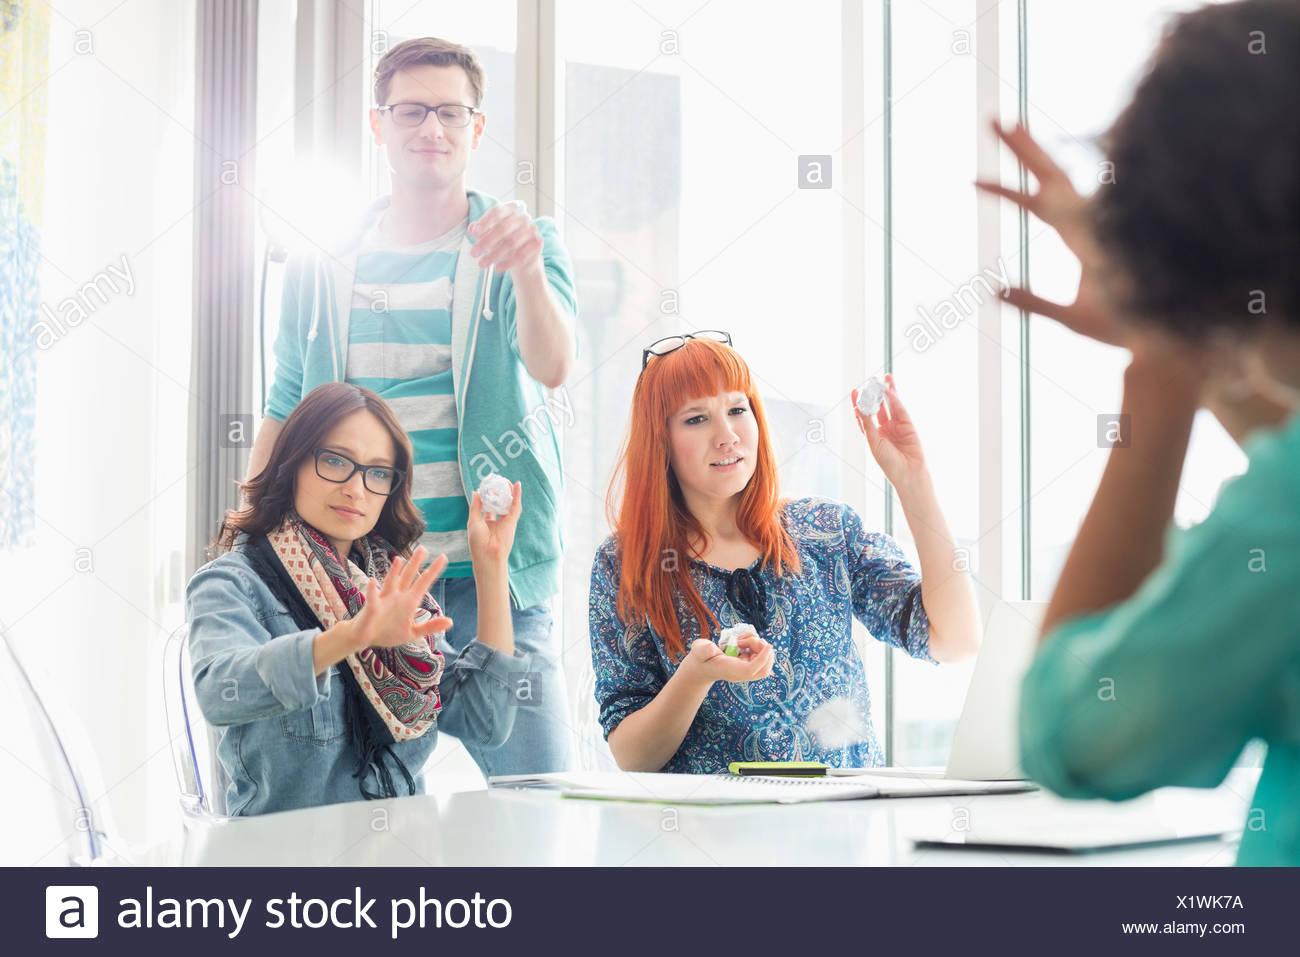 Empresarios enojado lanzando bolas de papel de compañero de oficina creativa Imagen De Stock